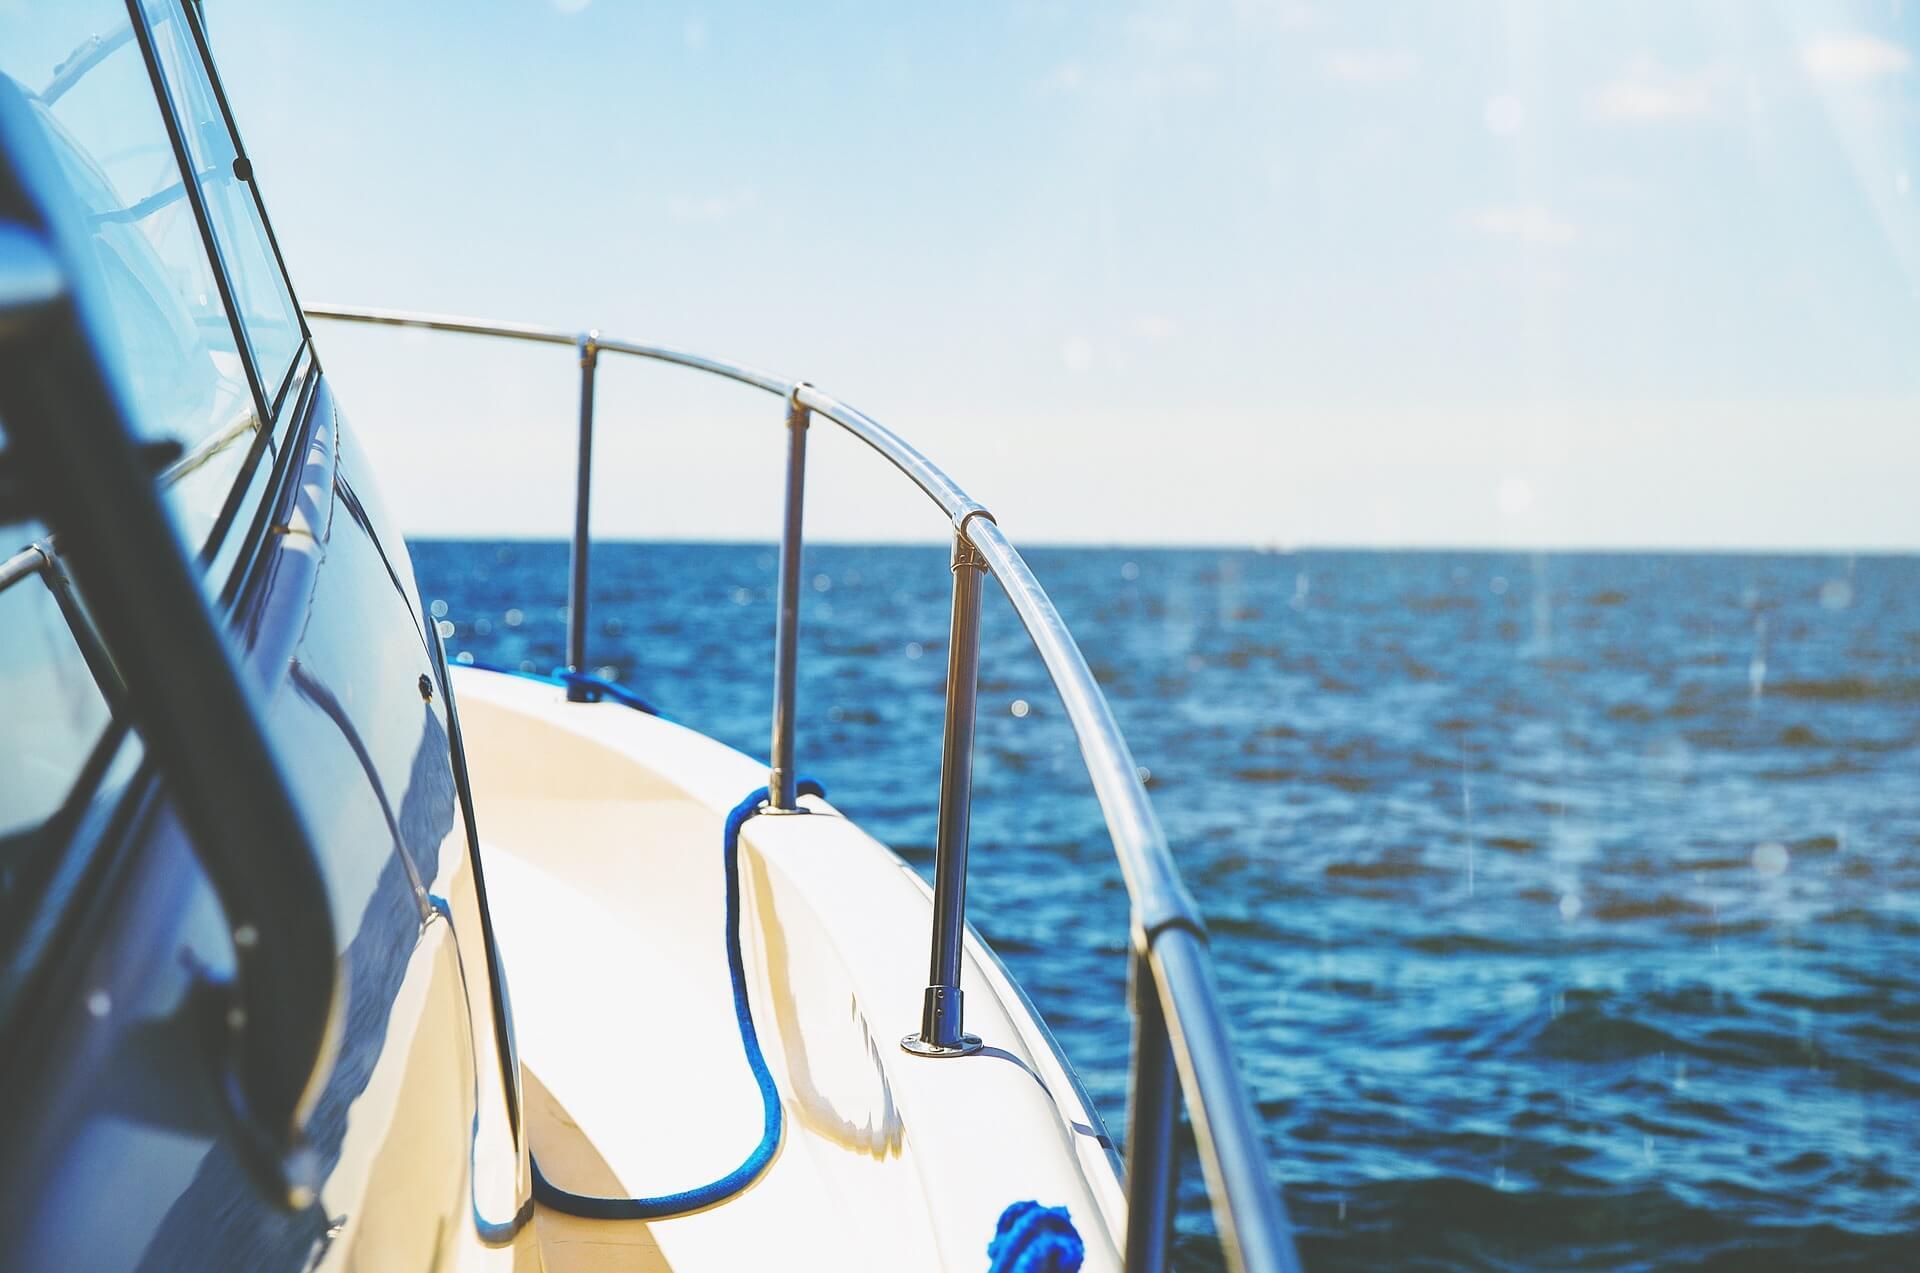 ¿Qué tipos de aplicaciones náuticas existen?